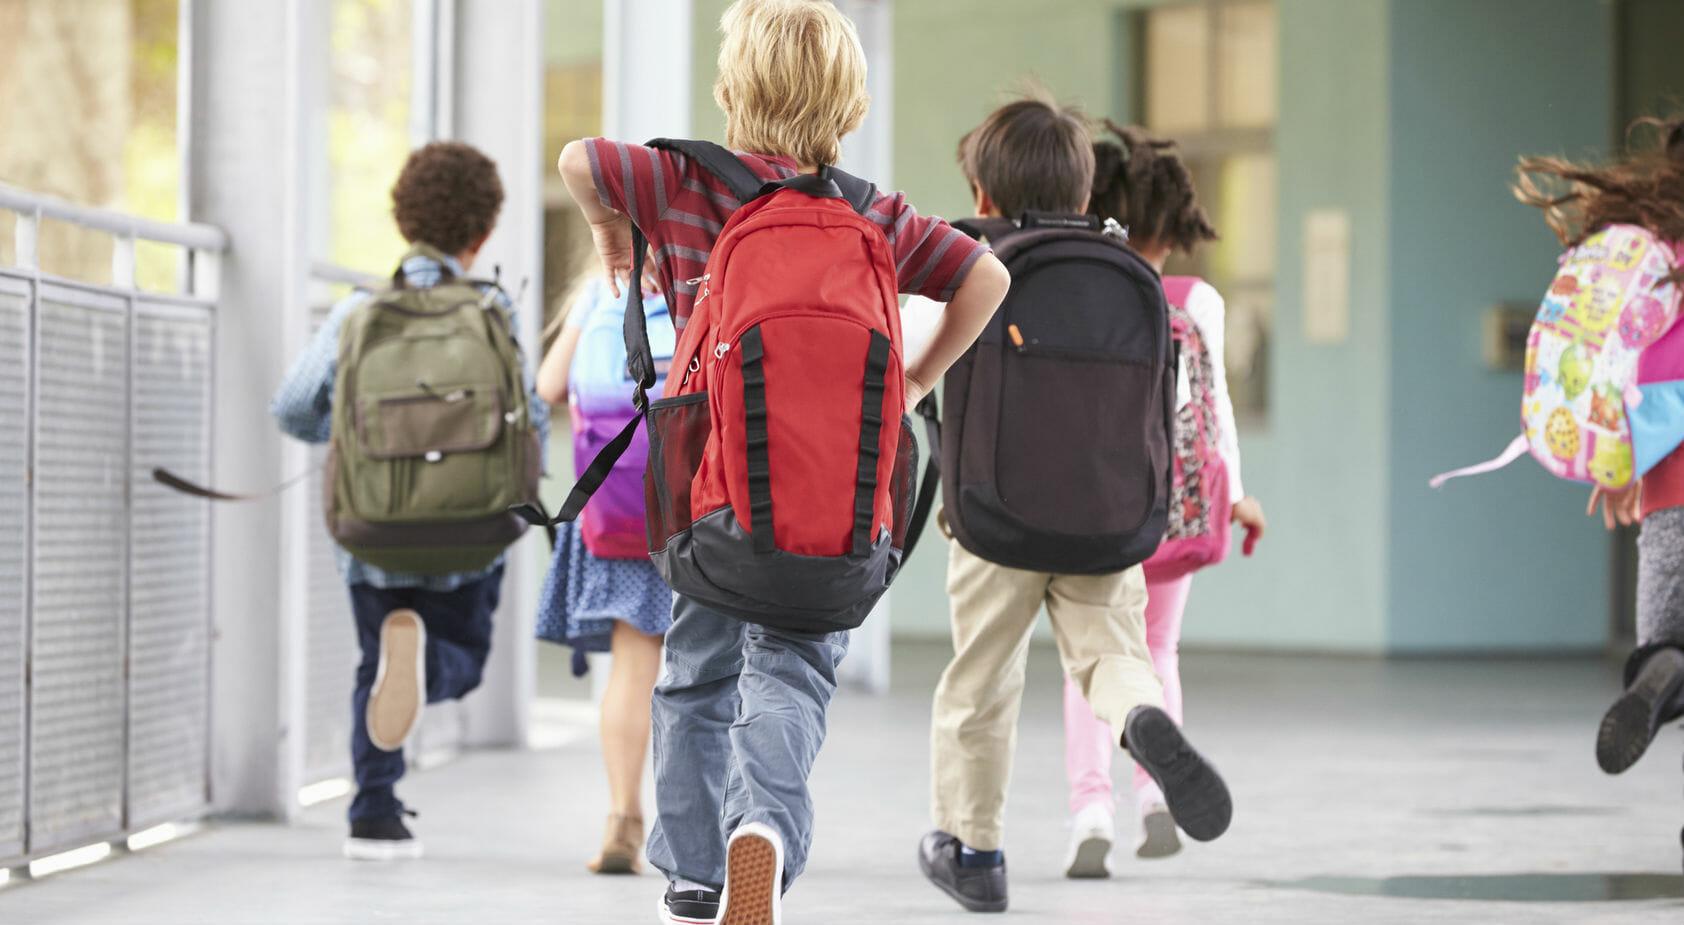 bambini studenti scuola